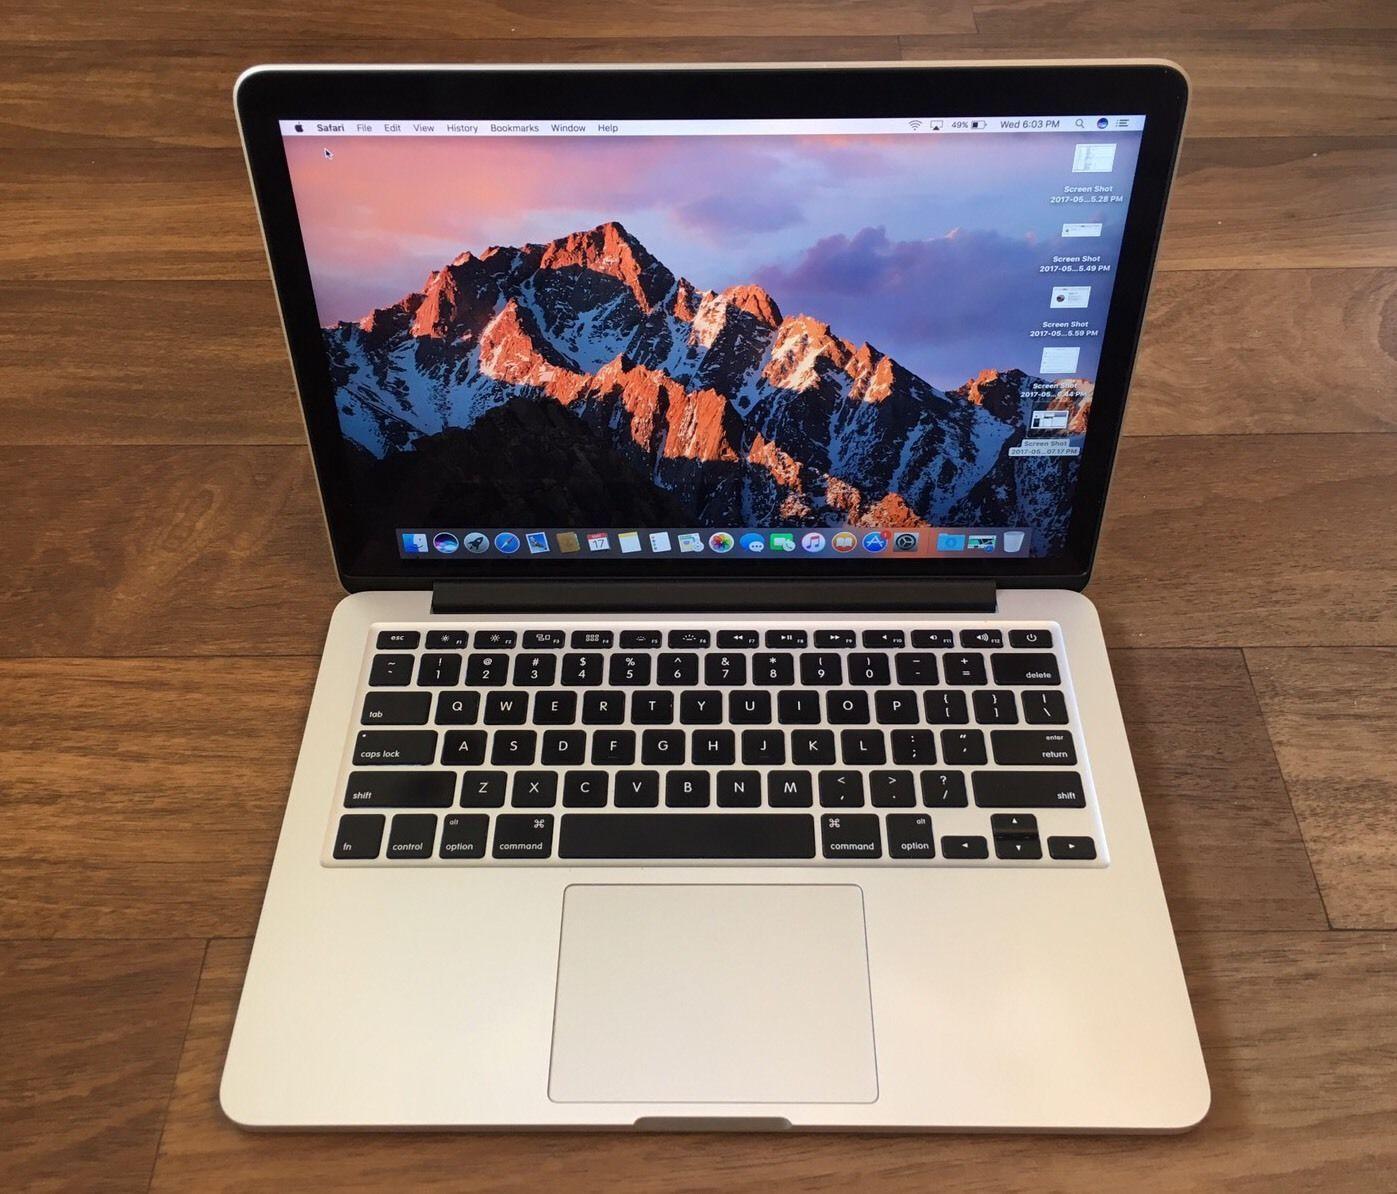 Macbook Pro Retina 13 Early 2015 3 1ghz I7 16gb Ram 1tb Ssd Applecare 9 1 2018 Apple Macbook Pro Apple Macbook Macbook Pro